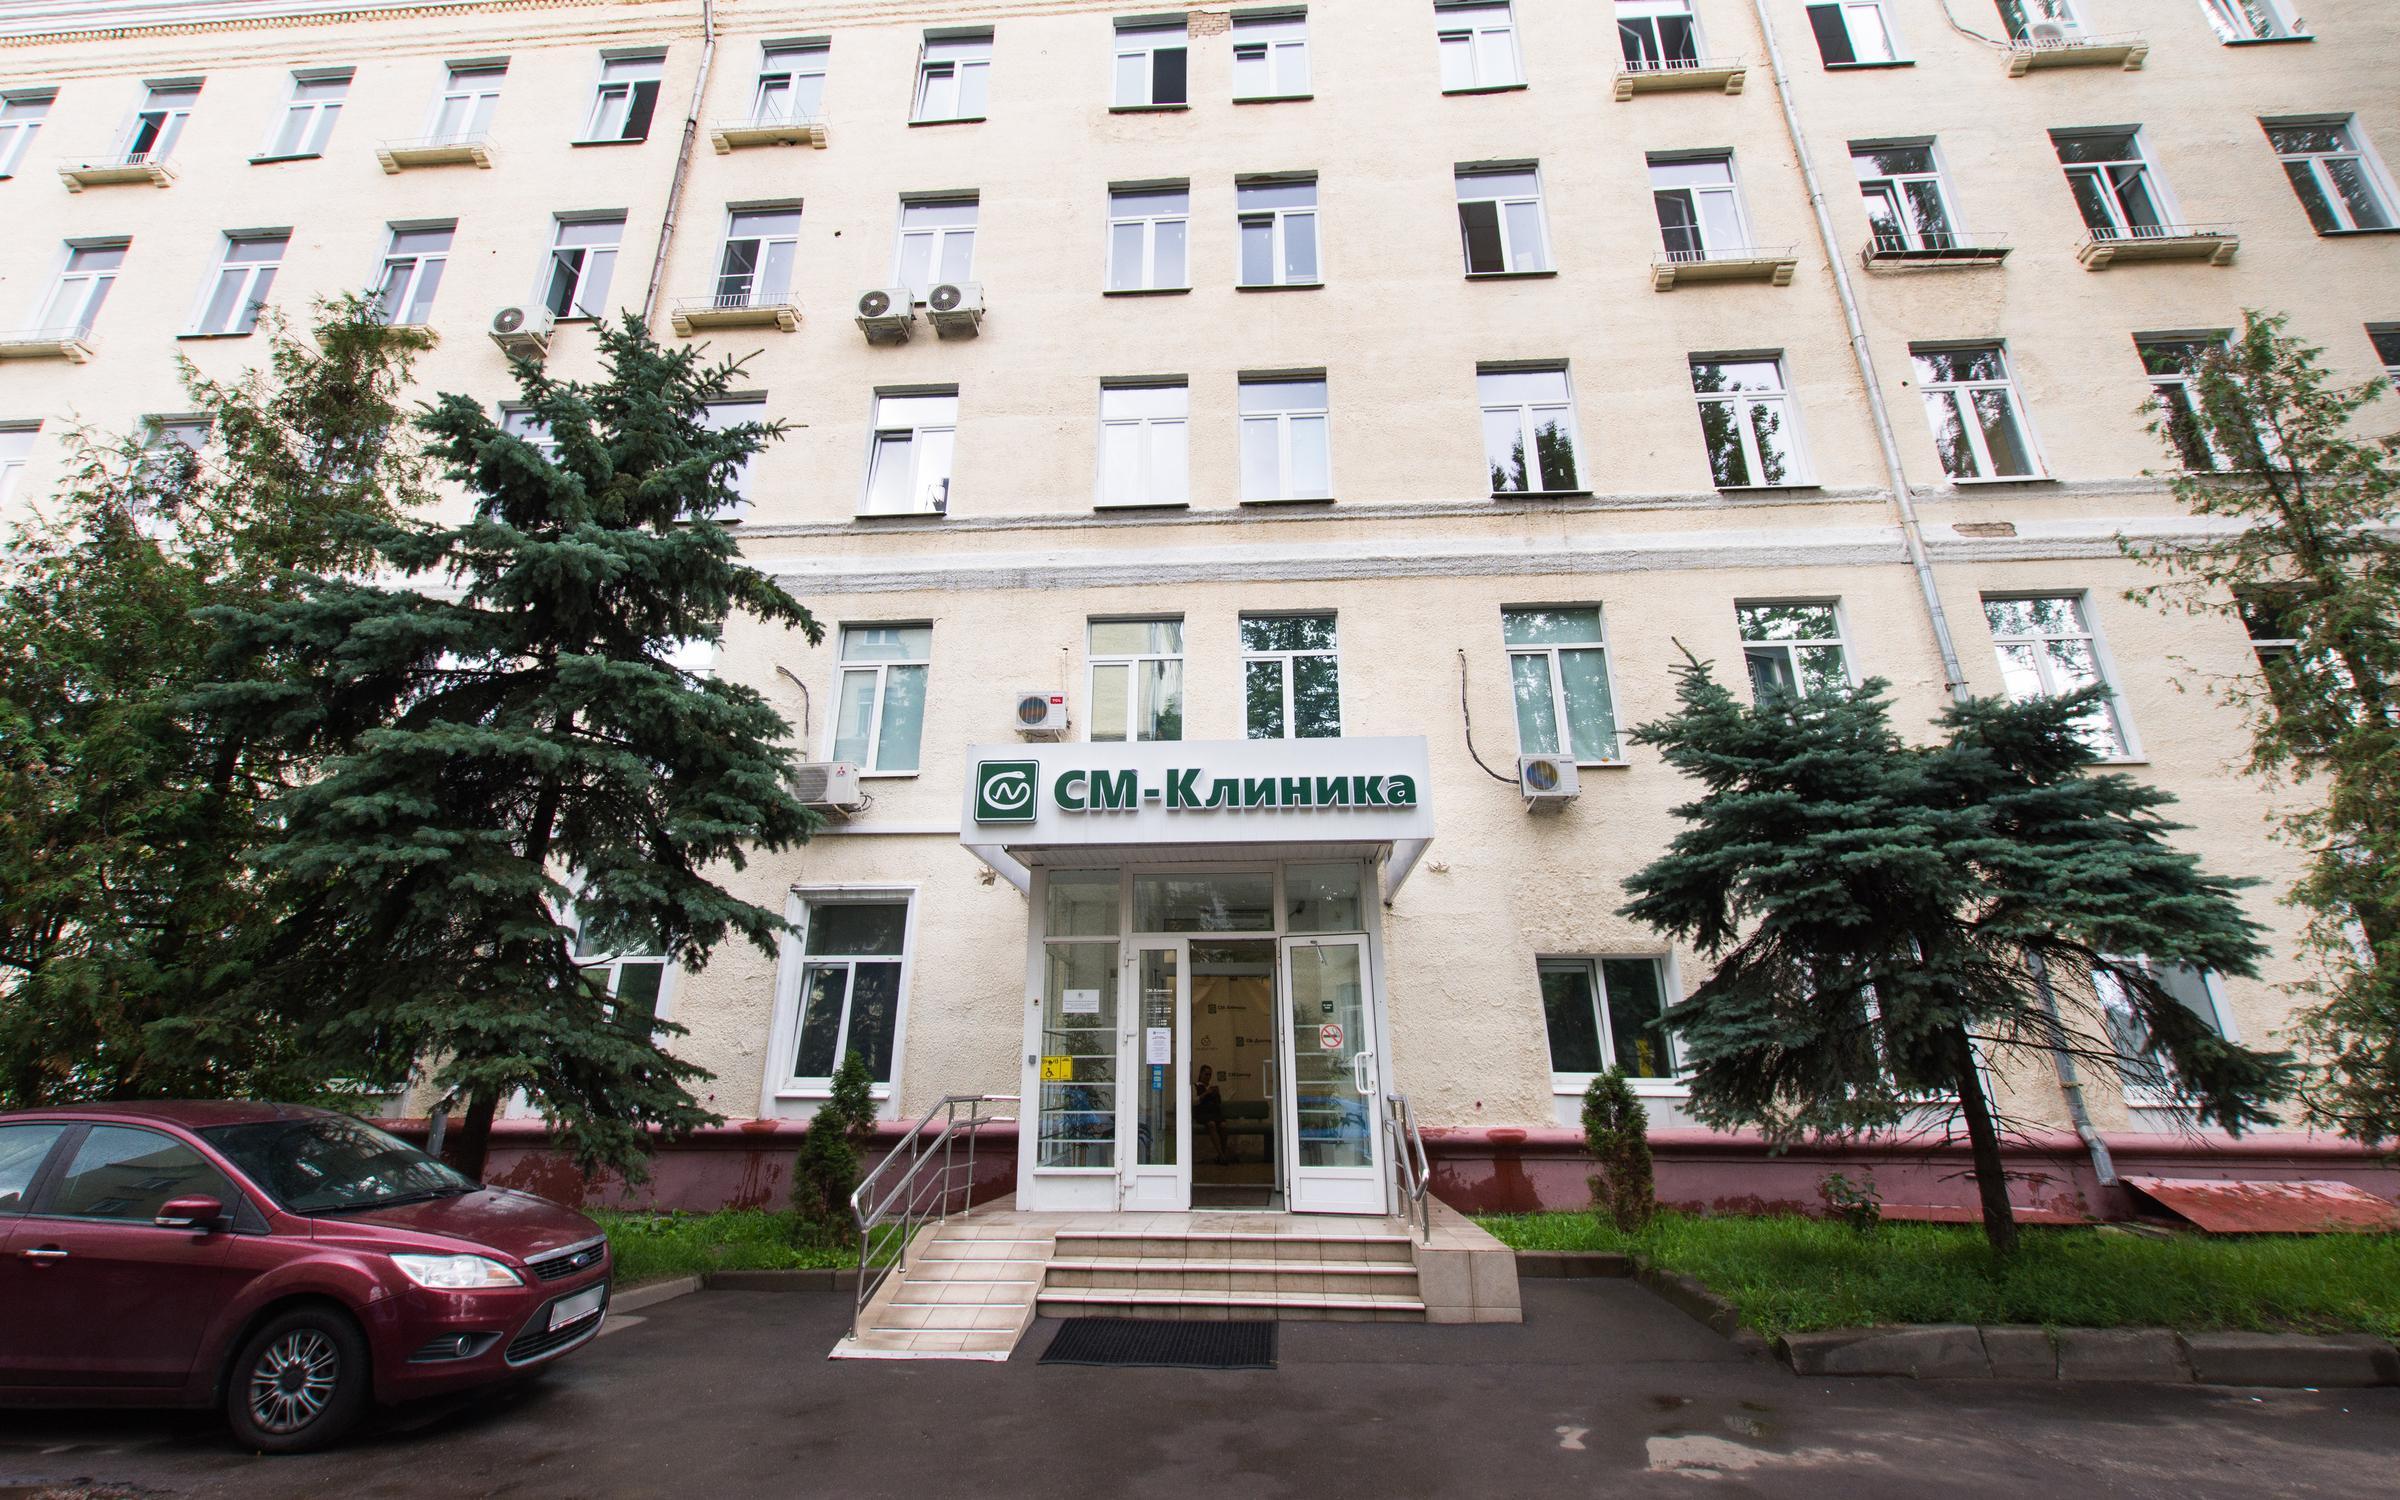 фотография Многопрофильного центра СМ-Клиника на Ярцевской улице